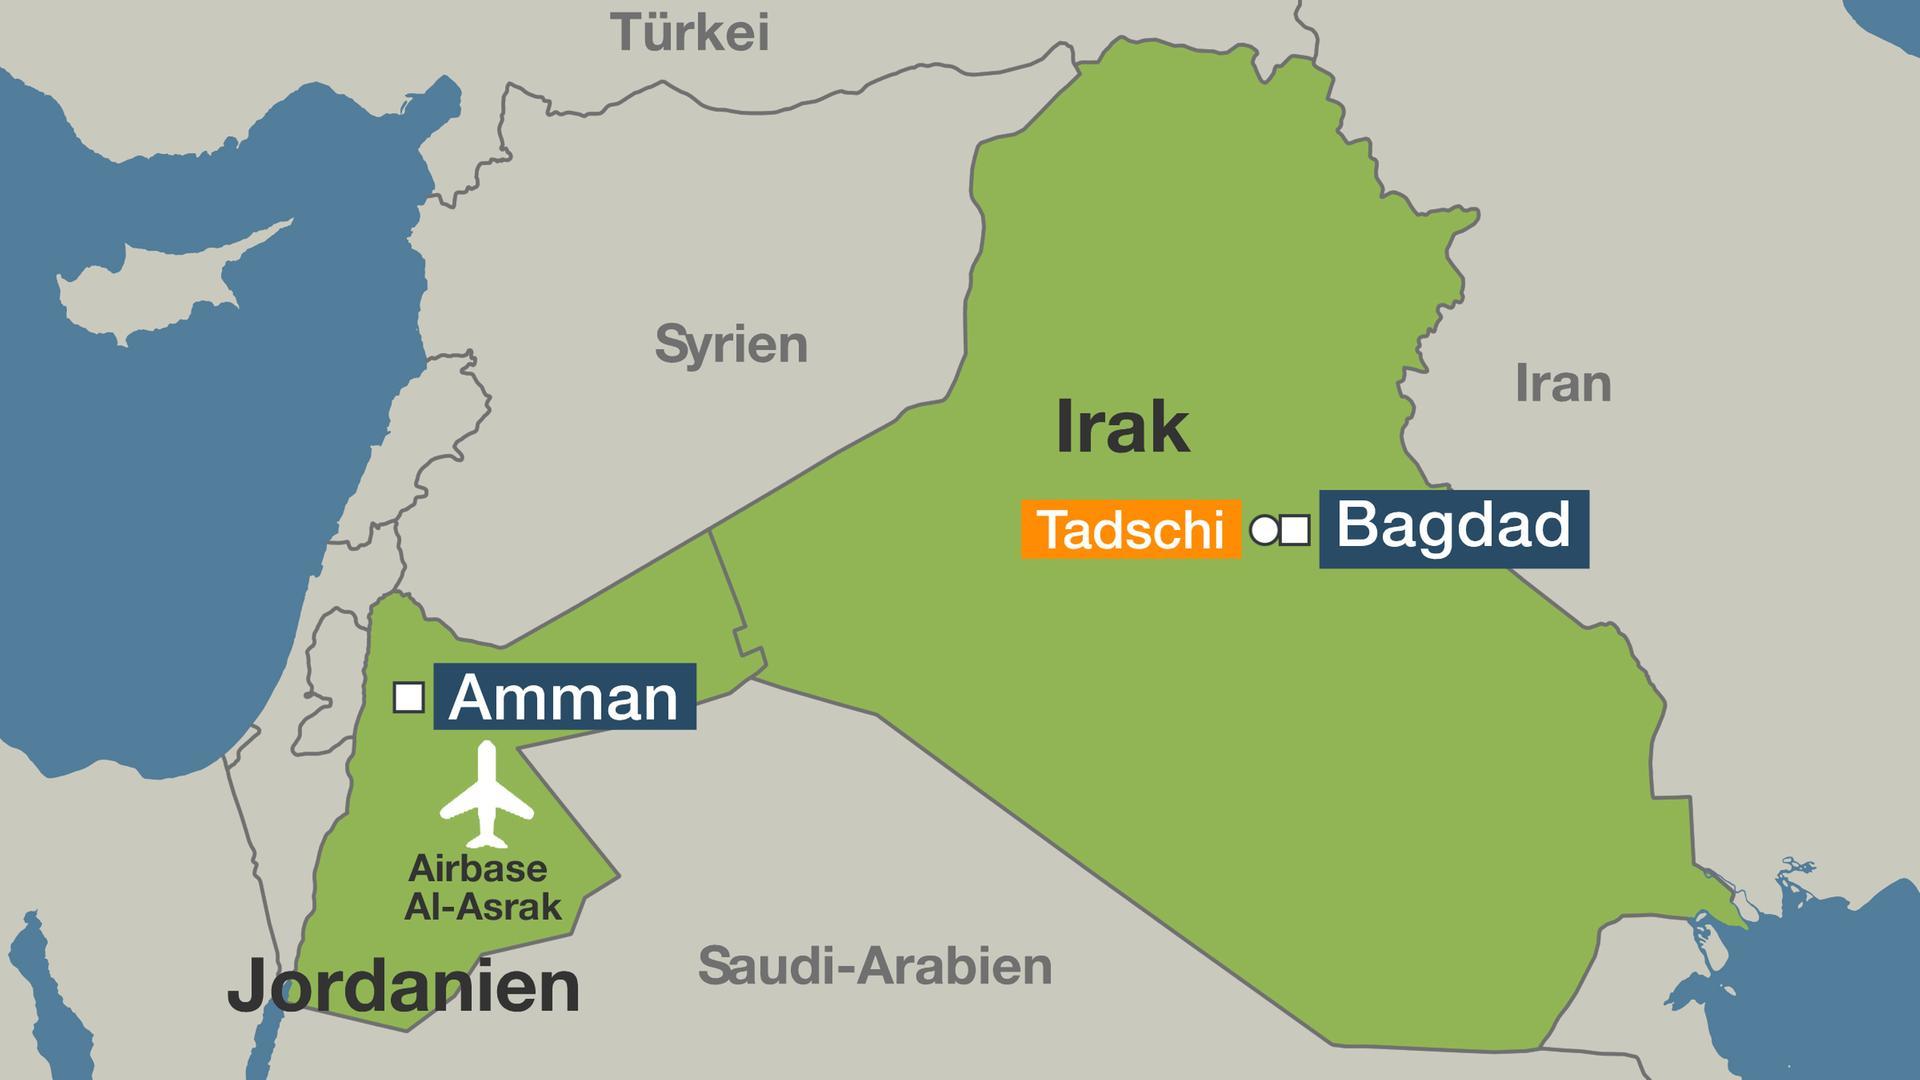 Syrien Irak Karte.Bundeswehr Setzt Ausbildung Im Irak Wegen Spannungen Aus Zdfmediathek